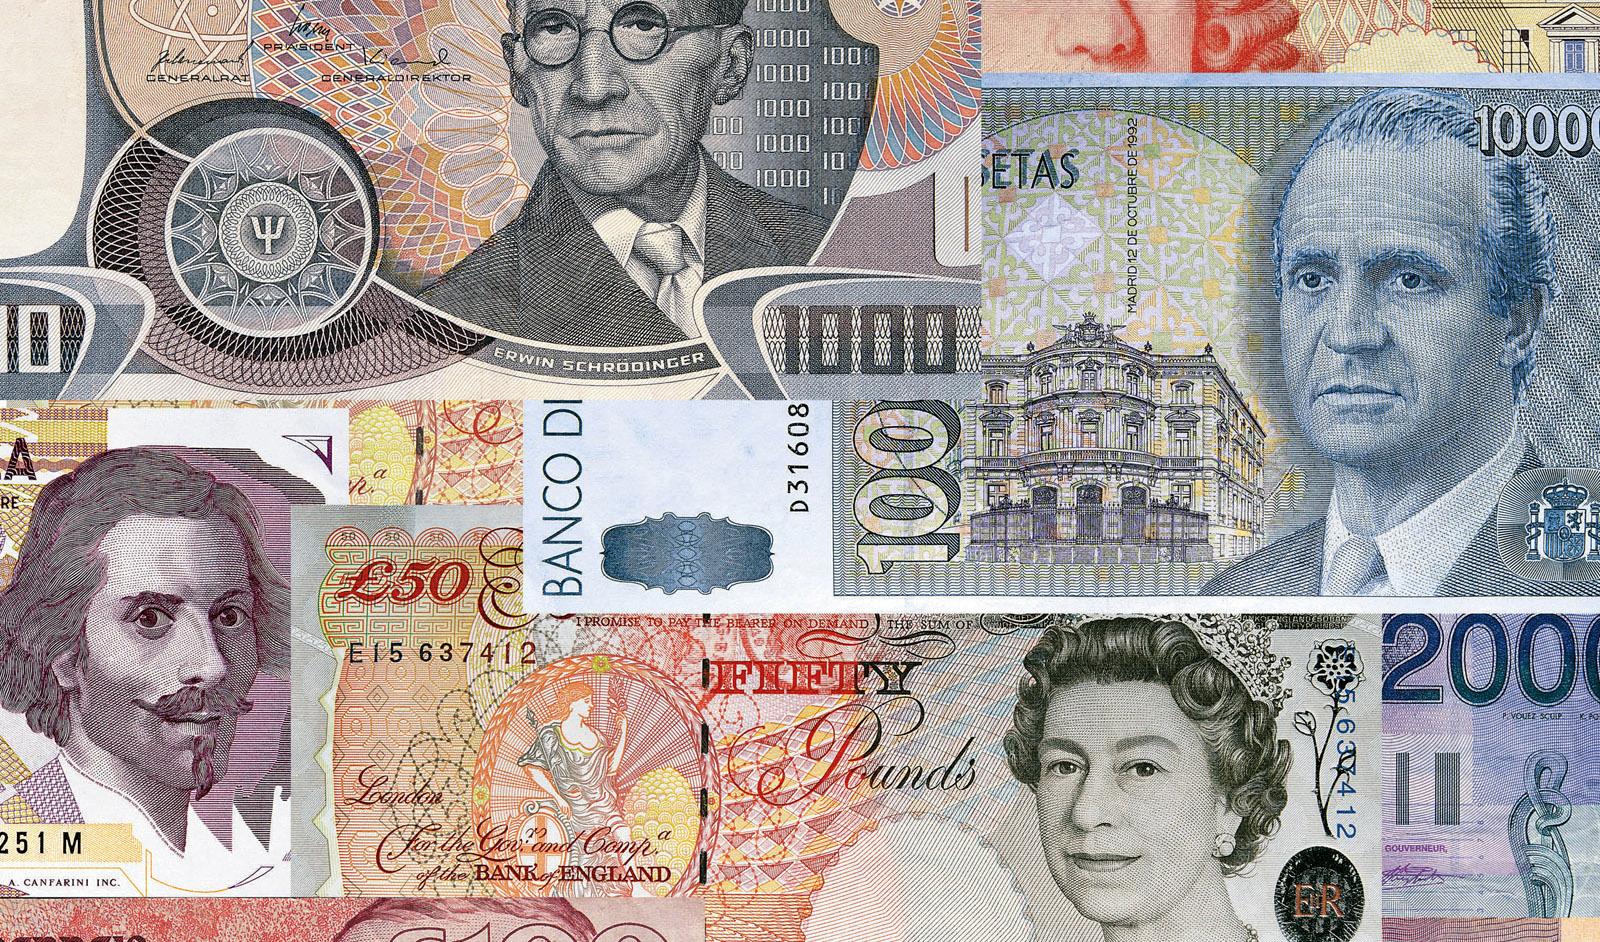 کاهش ارزش پوند همزمان با خروج قریب الوقوع انگلیس از مذاکره با اروپا